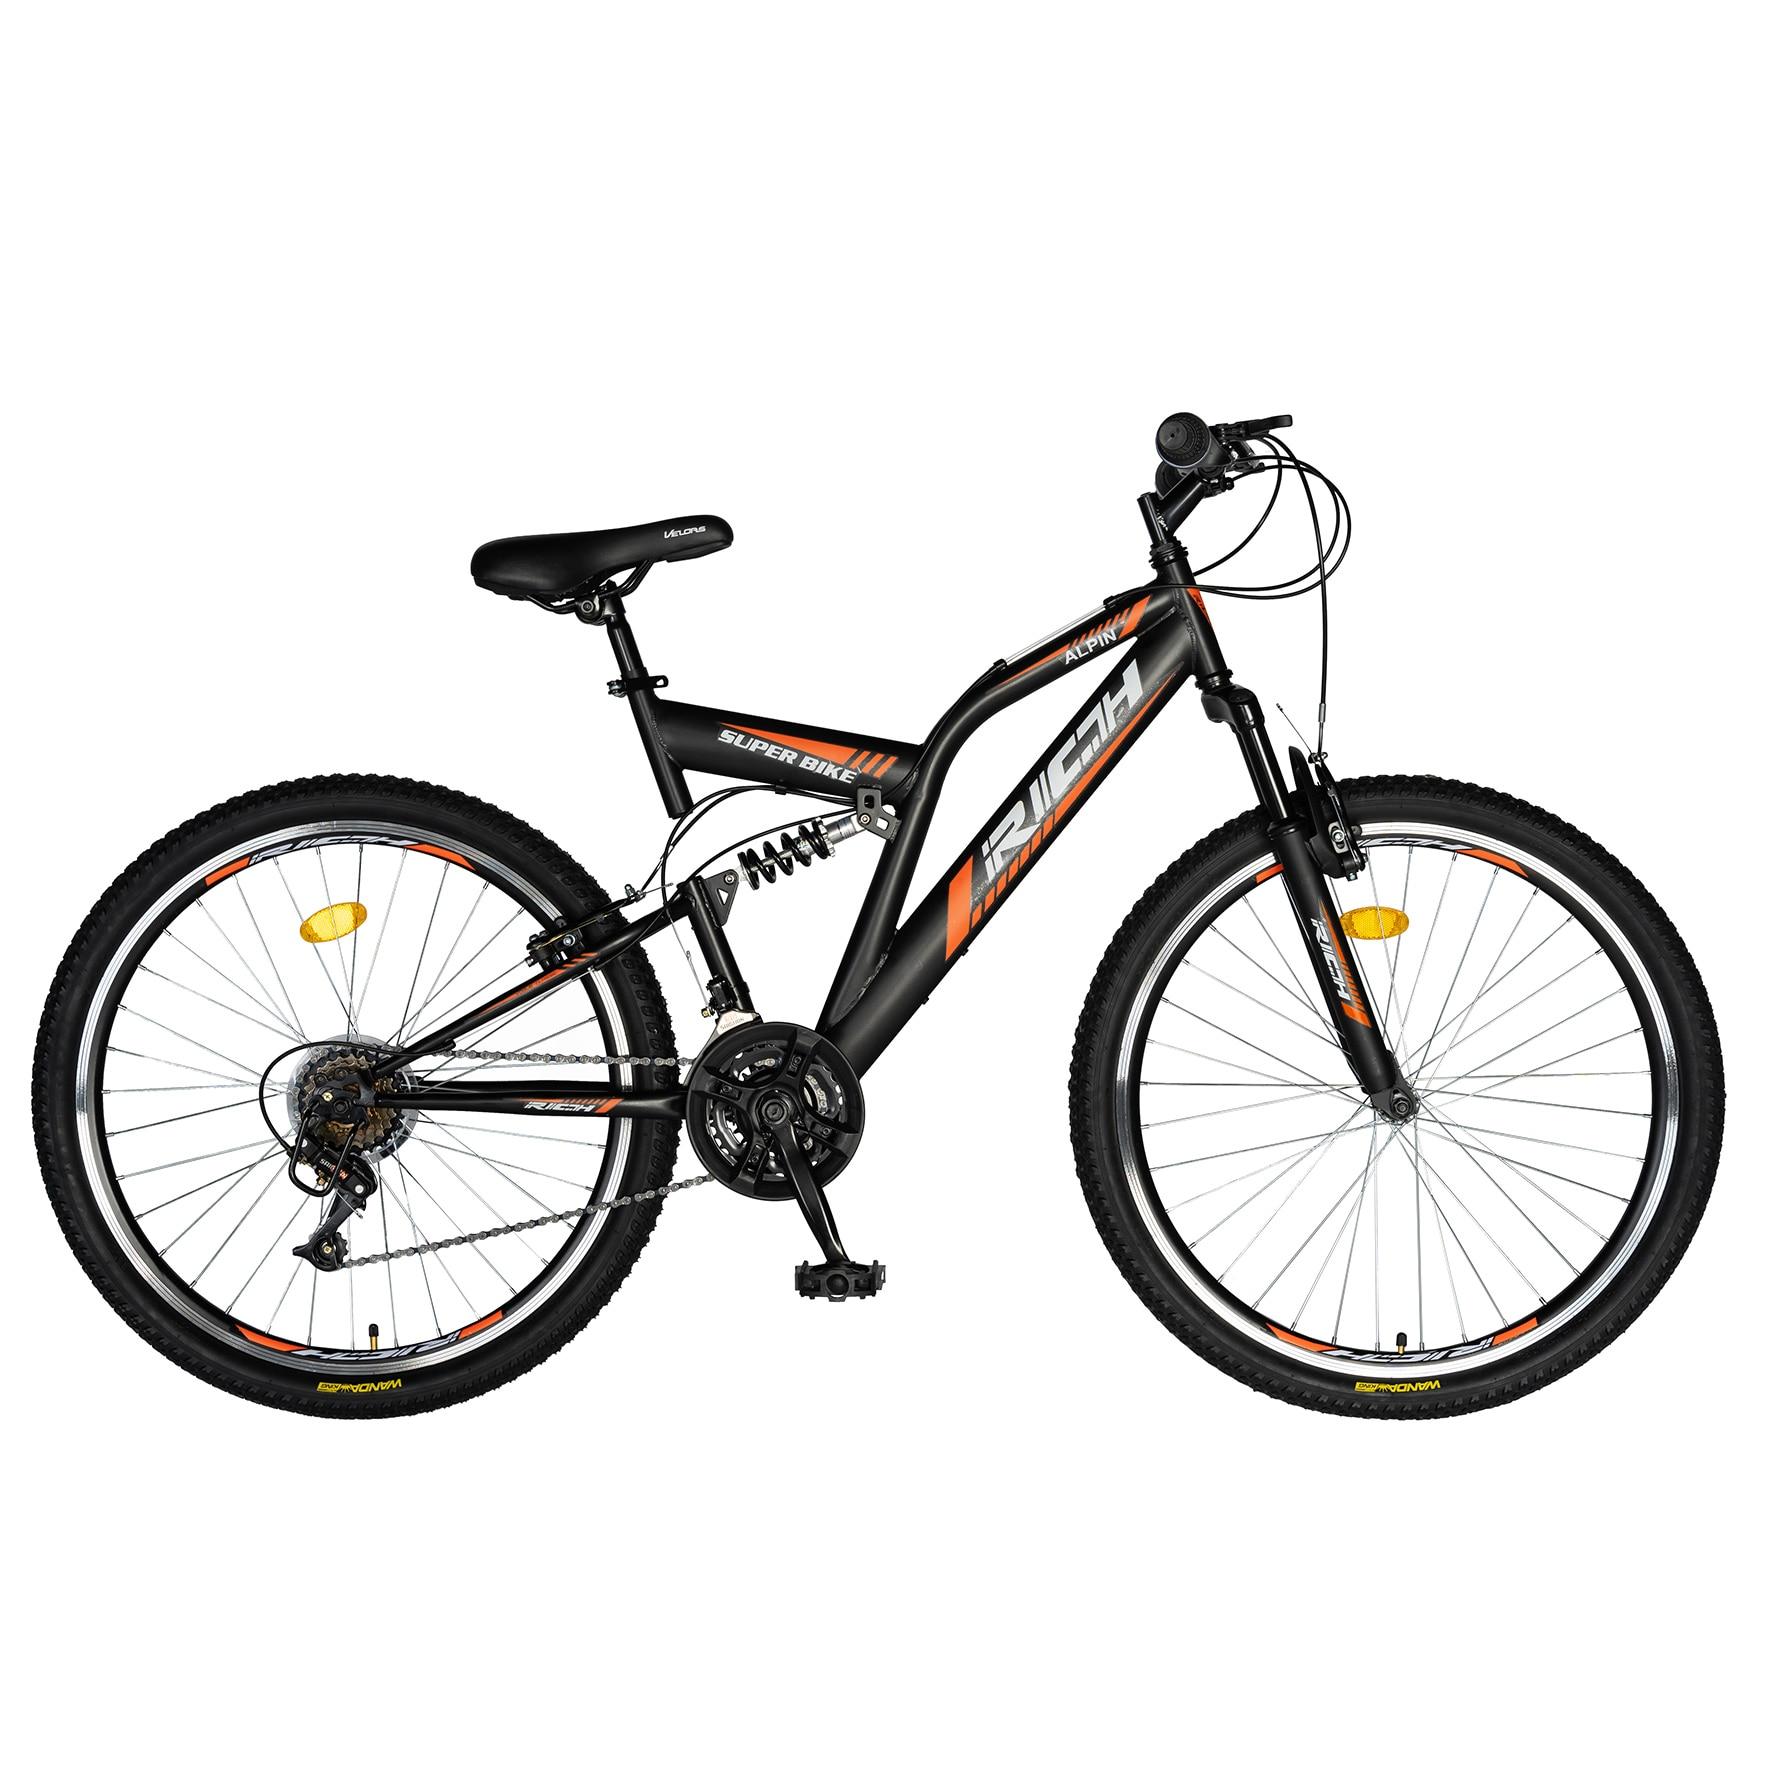 Fotografie Bicicleta MTB Rich Alpin R2449, suspensie fata/spate, roata 24 inch, frana tip V-Brake, 18 Viteze, Negru/Portocaliu